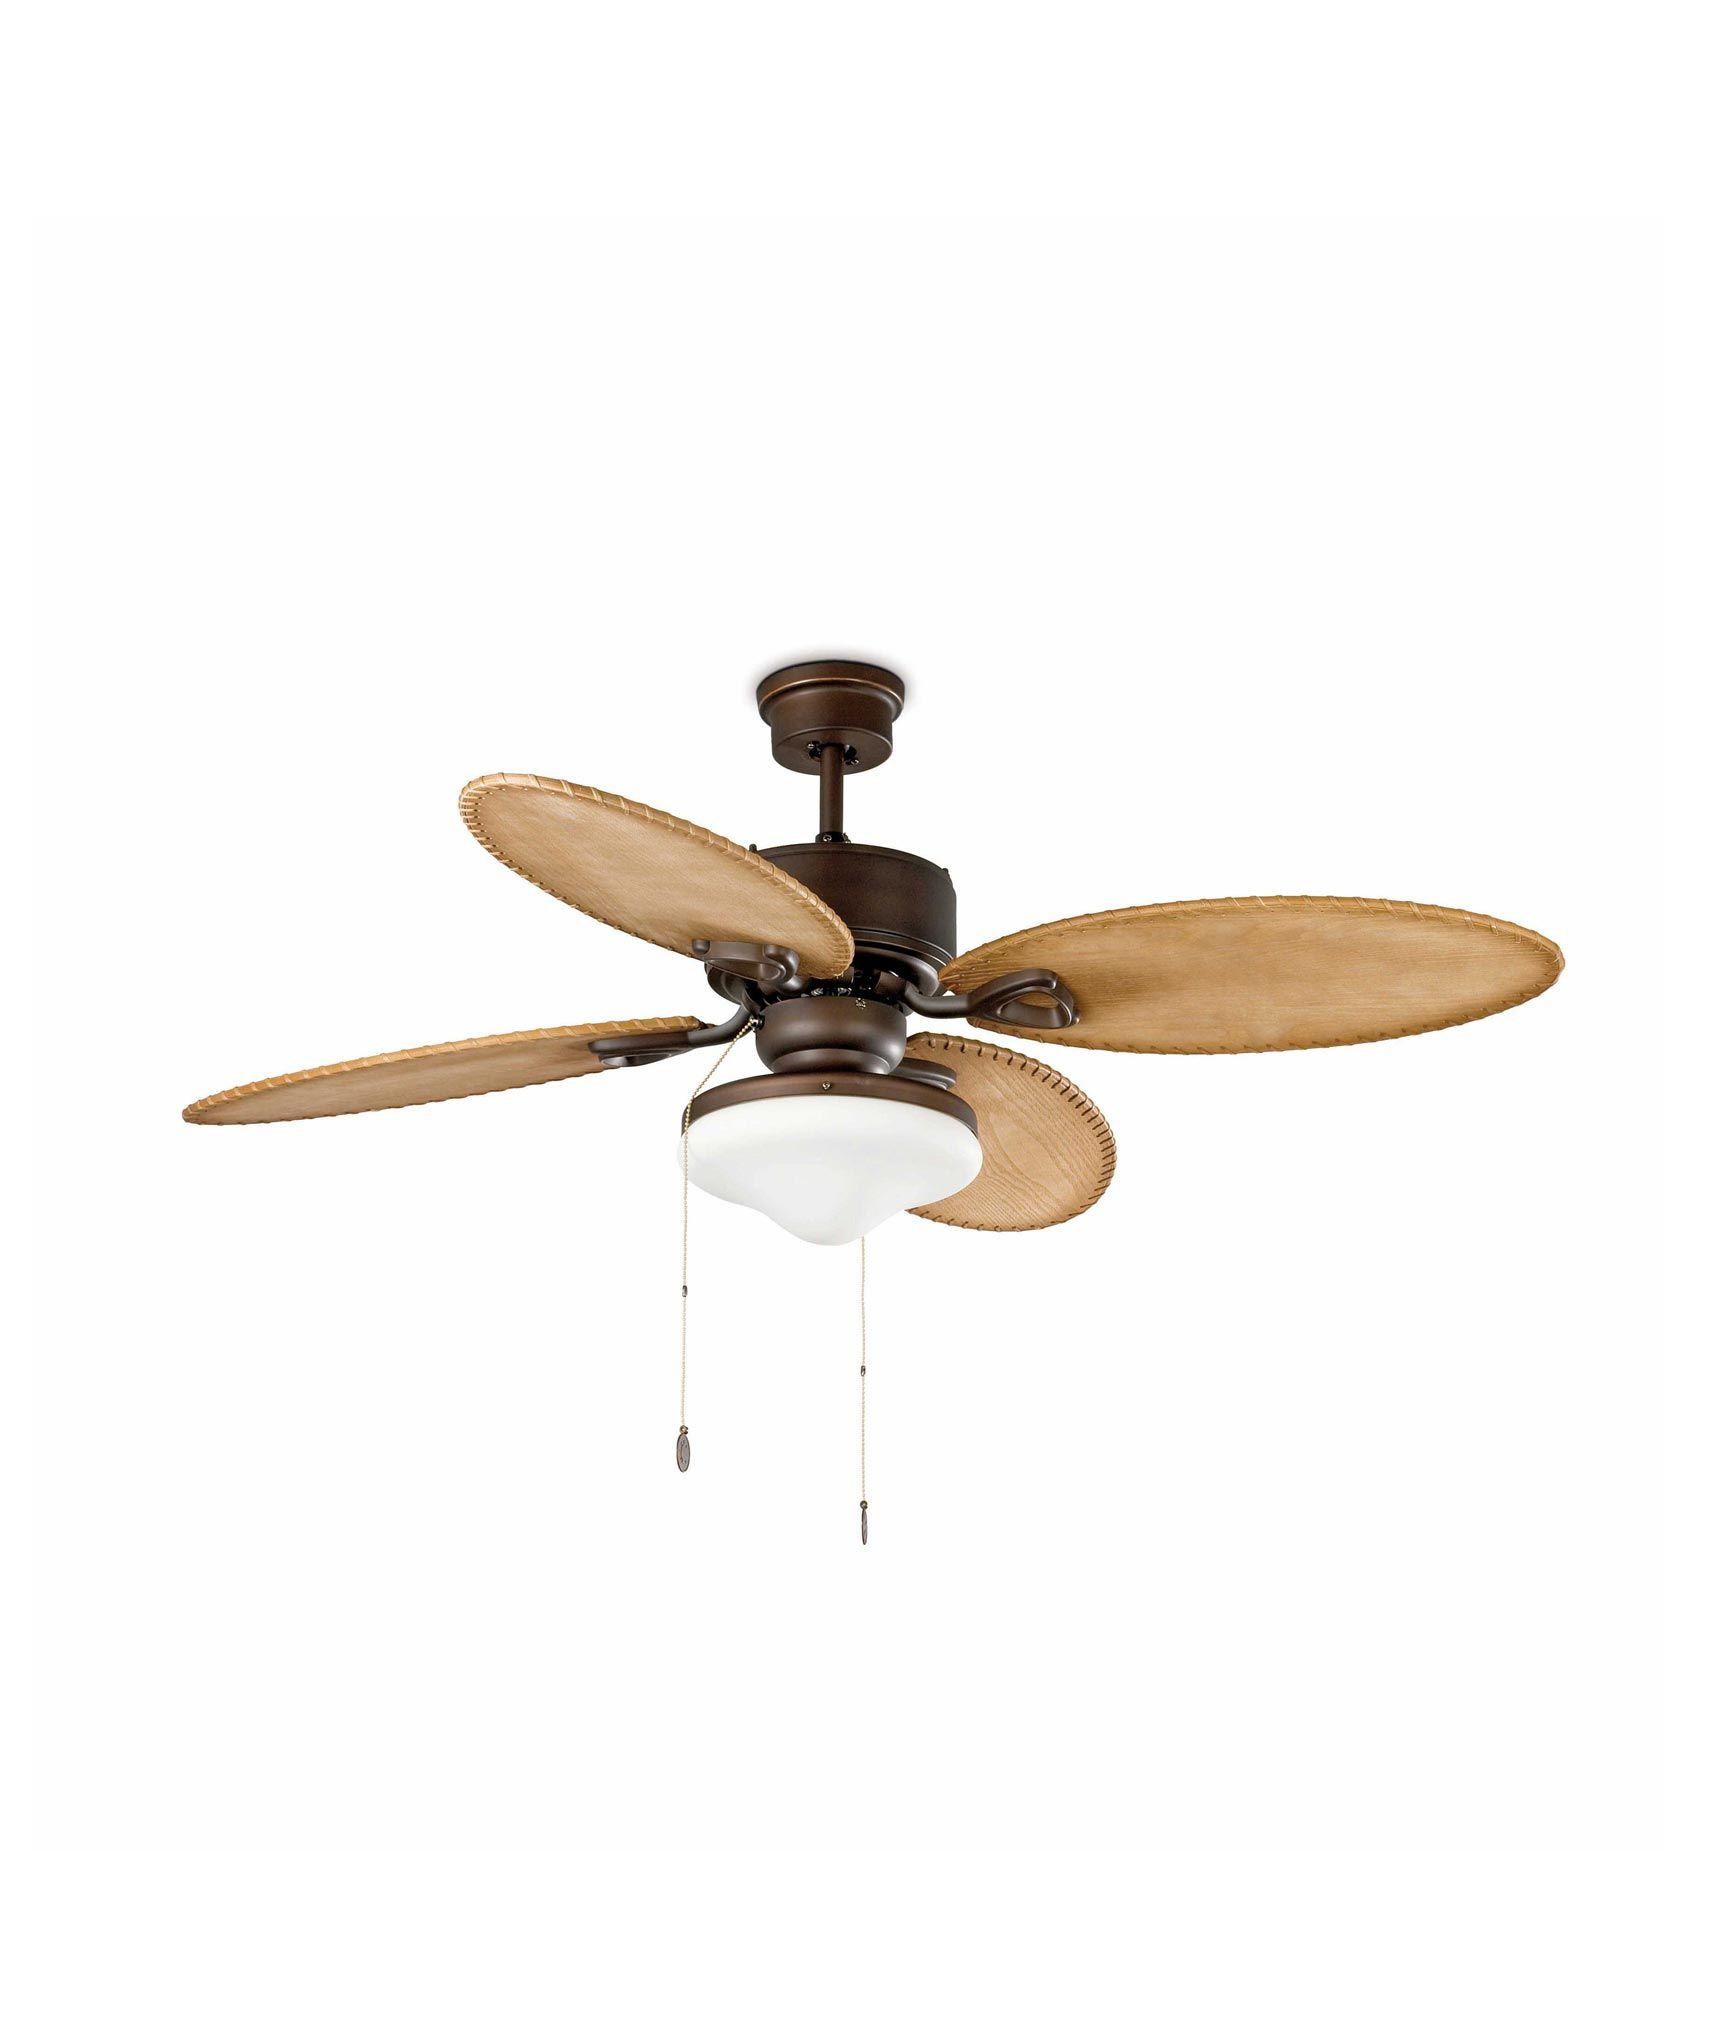 Ventilador de techo marr n lombok la casa de la l mpara - Lamparas de techo ventilador ...